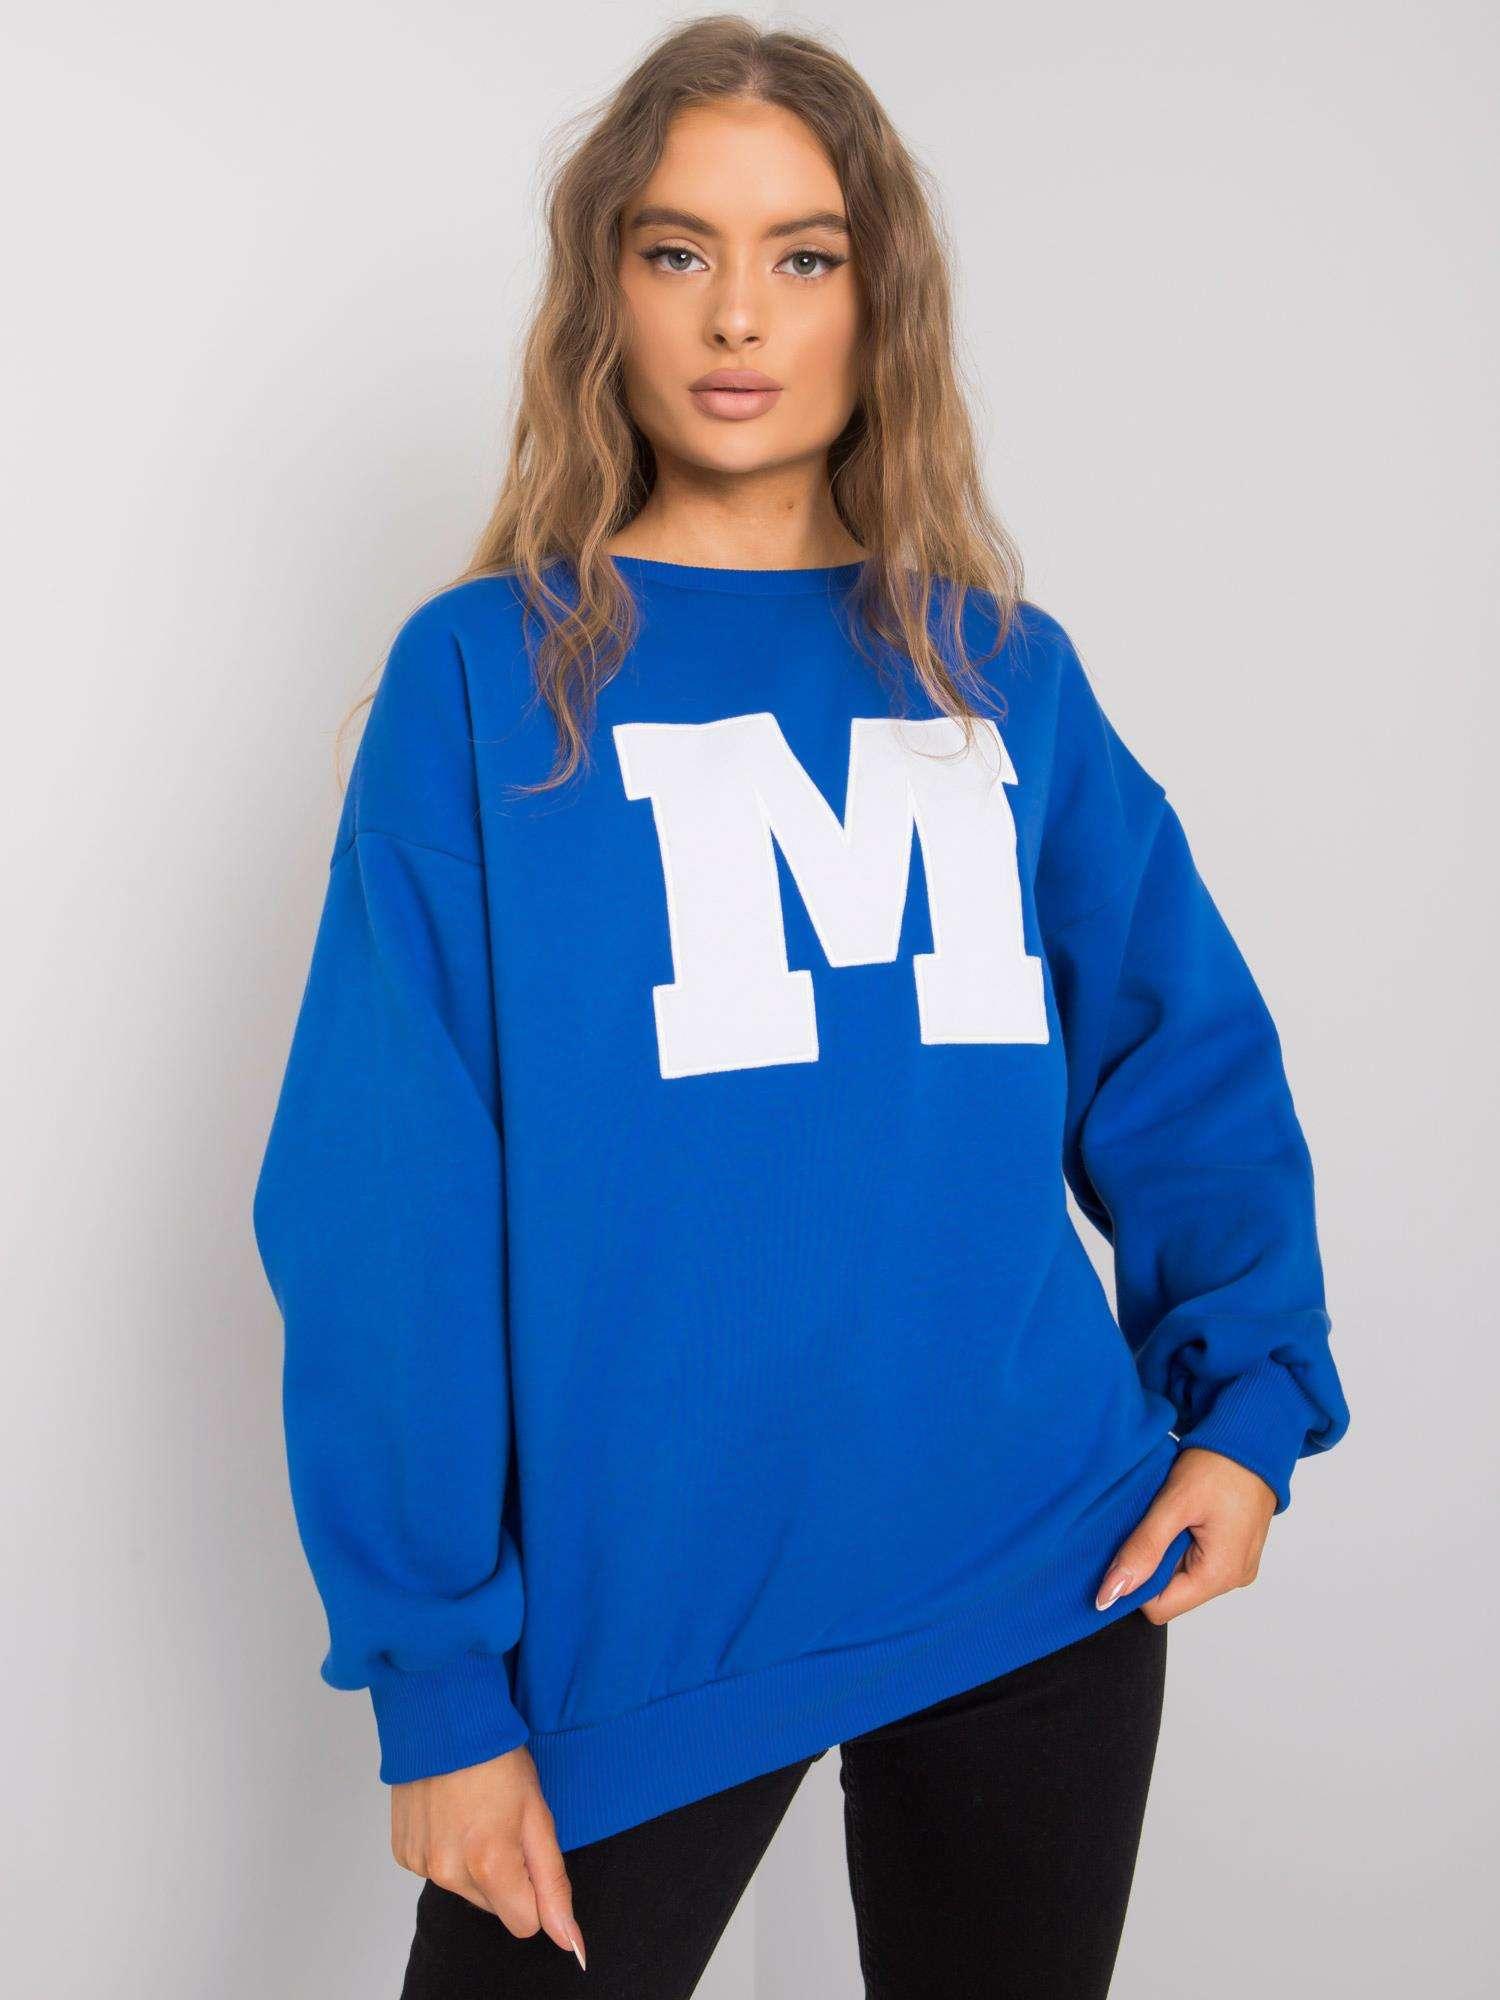 Sweatshirt in Azurblau mit großem Frontpatch Vorderansicht